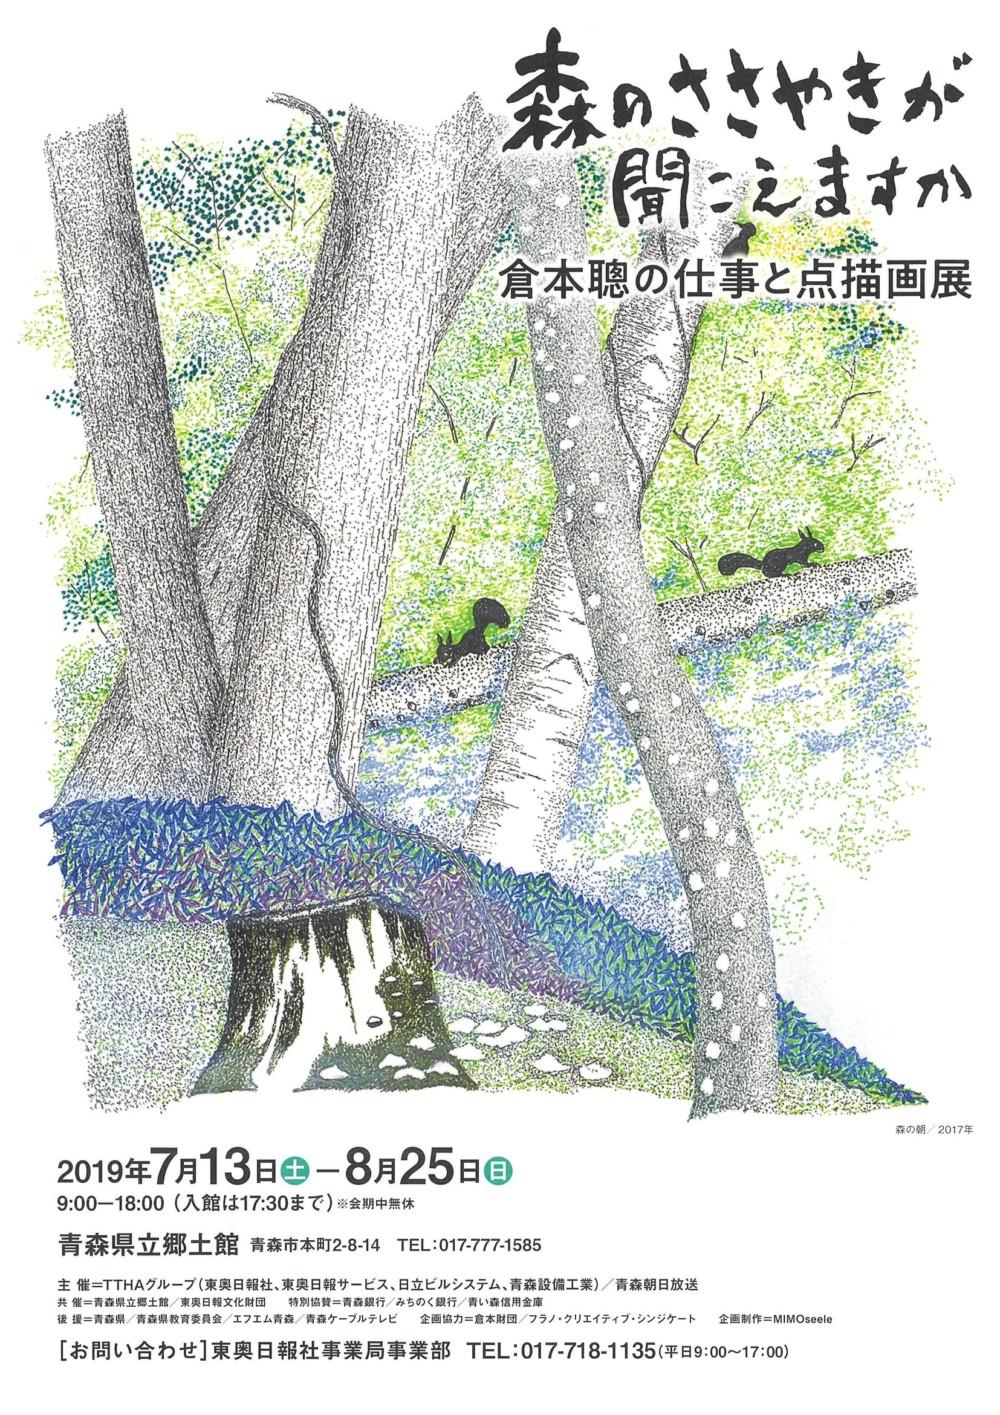 青森県立郷土館「森のささやきがきこえますか」 倉本聰の仕事と点描画展